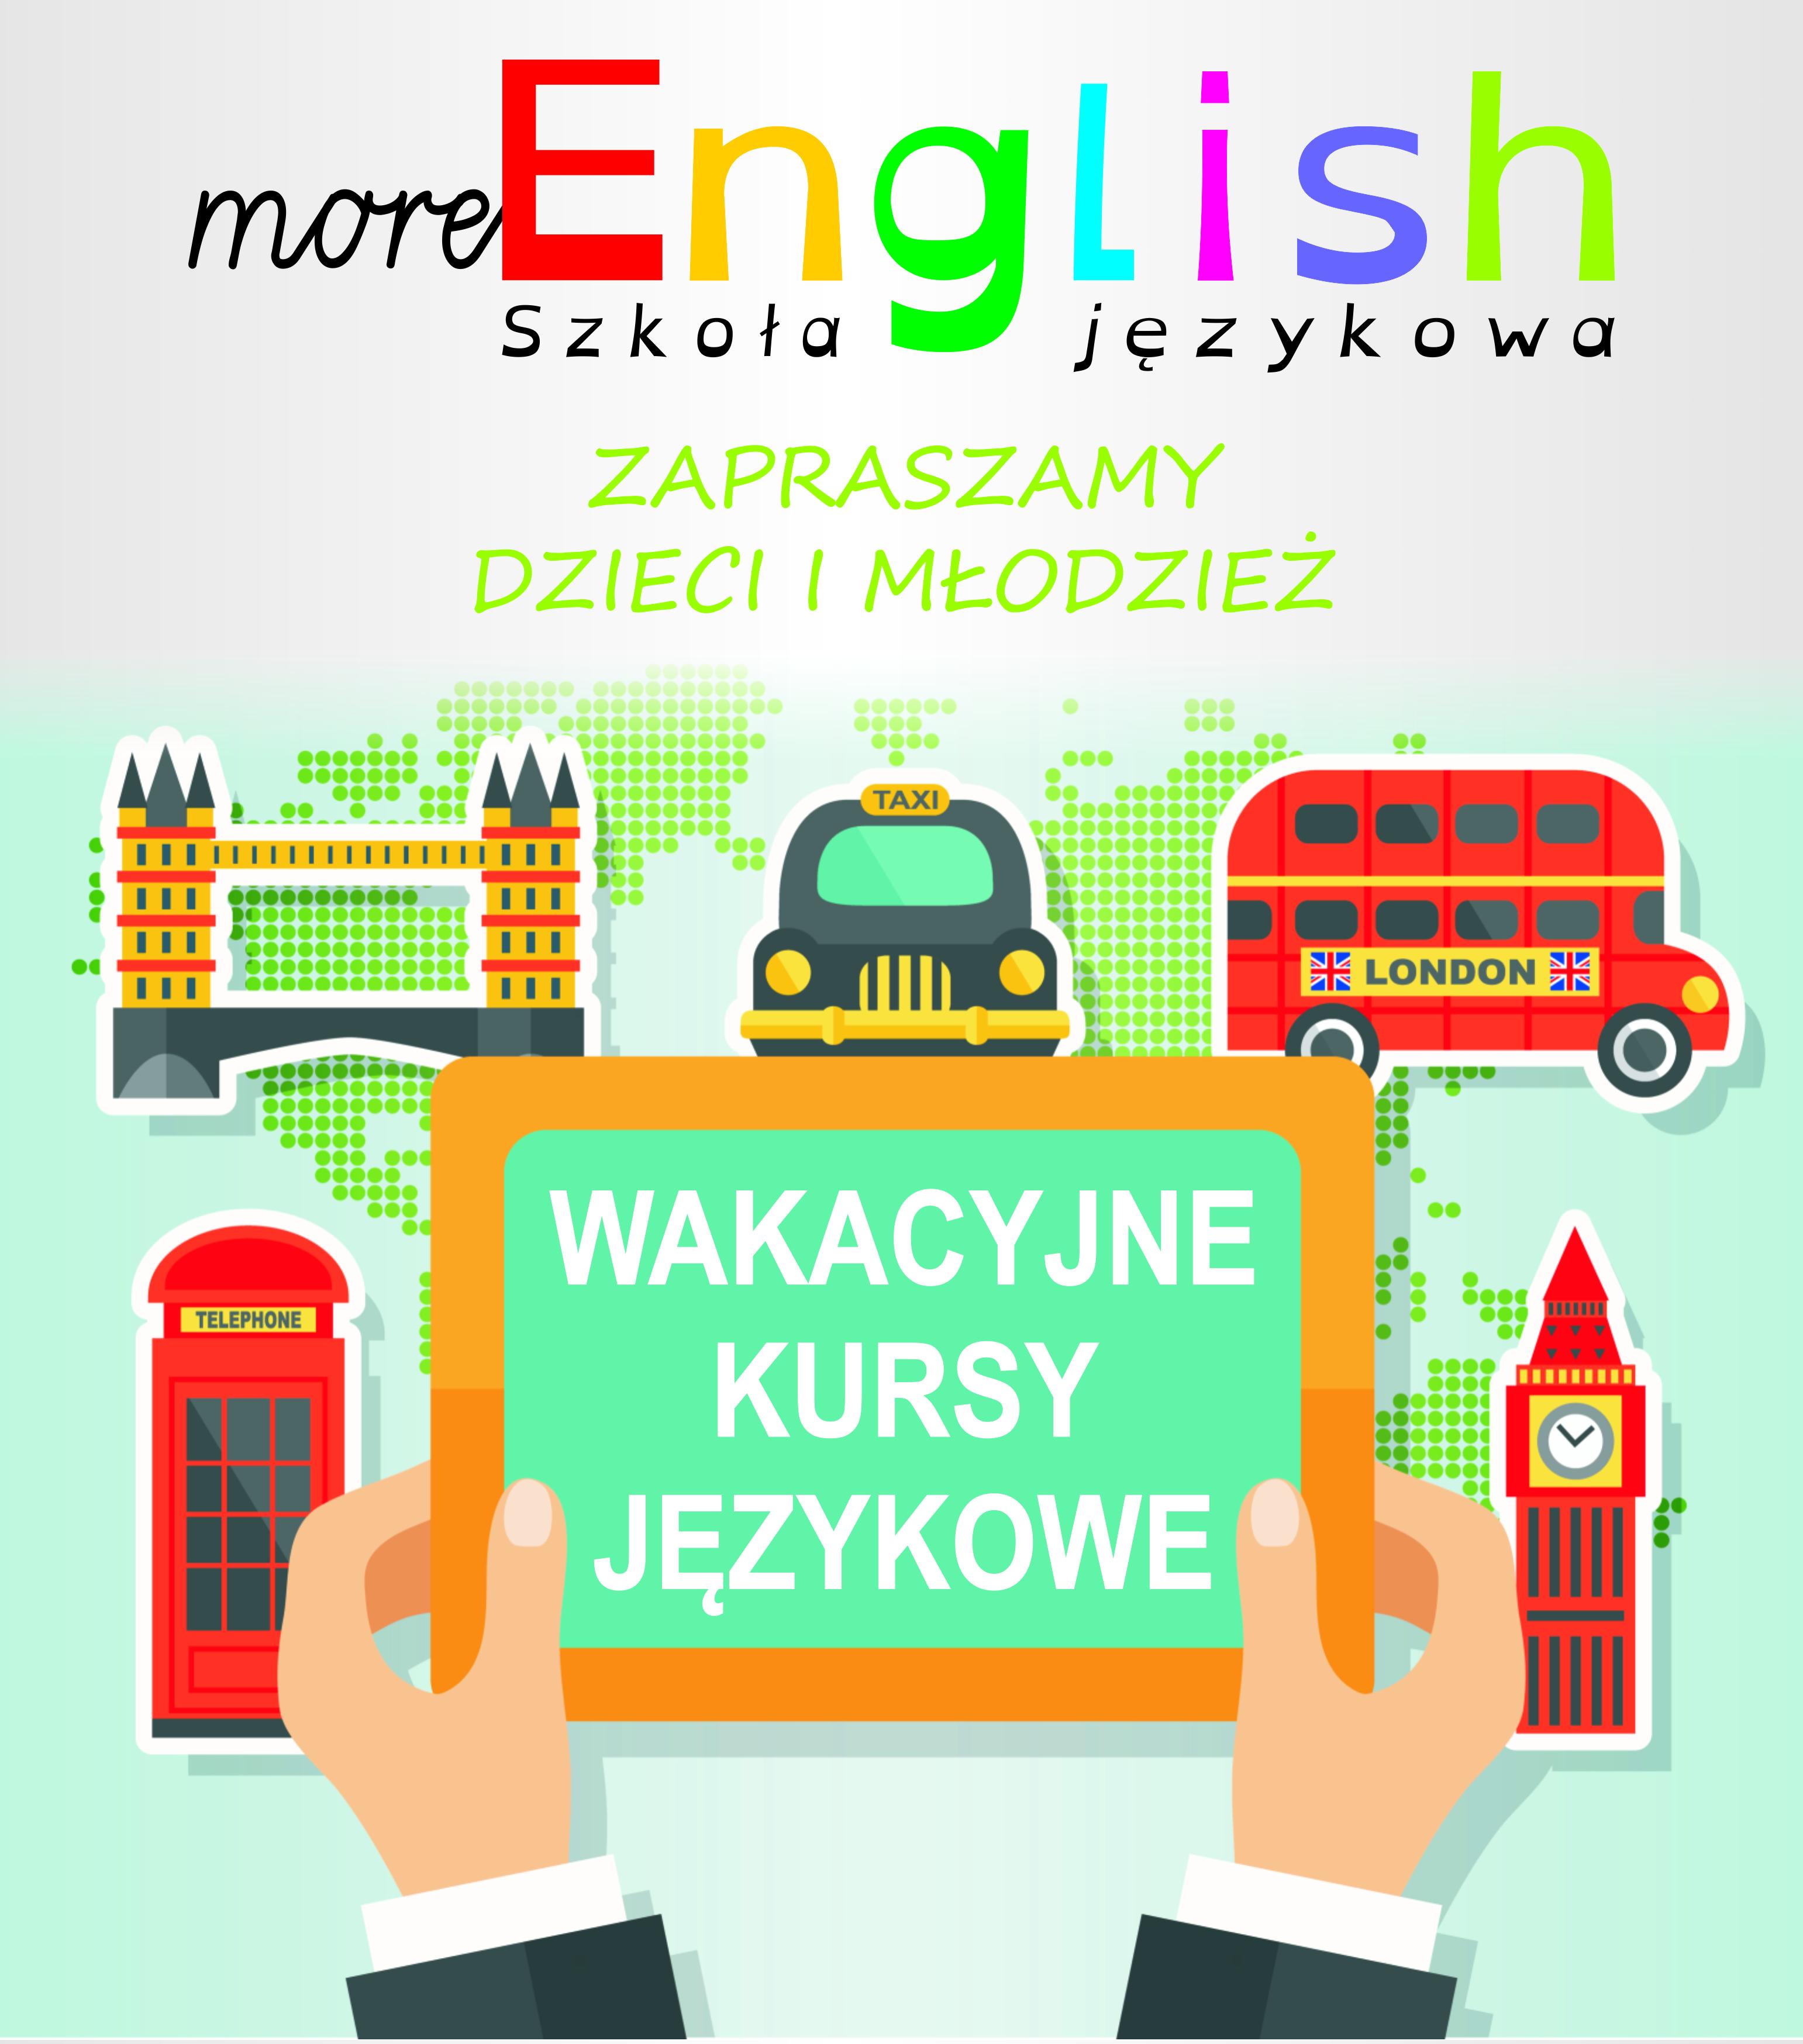 Zapraszamy na wakacyjne kursy języka angielskiego